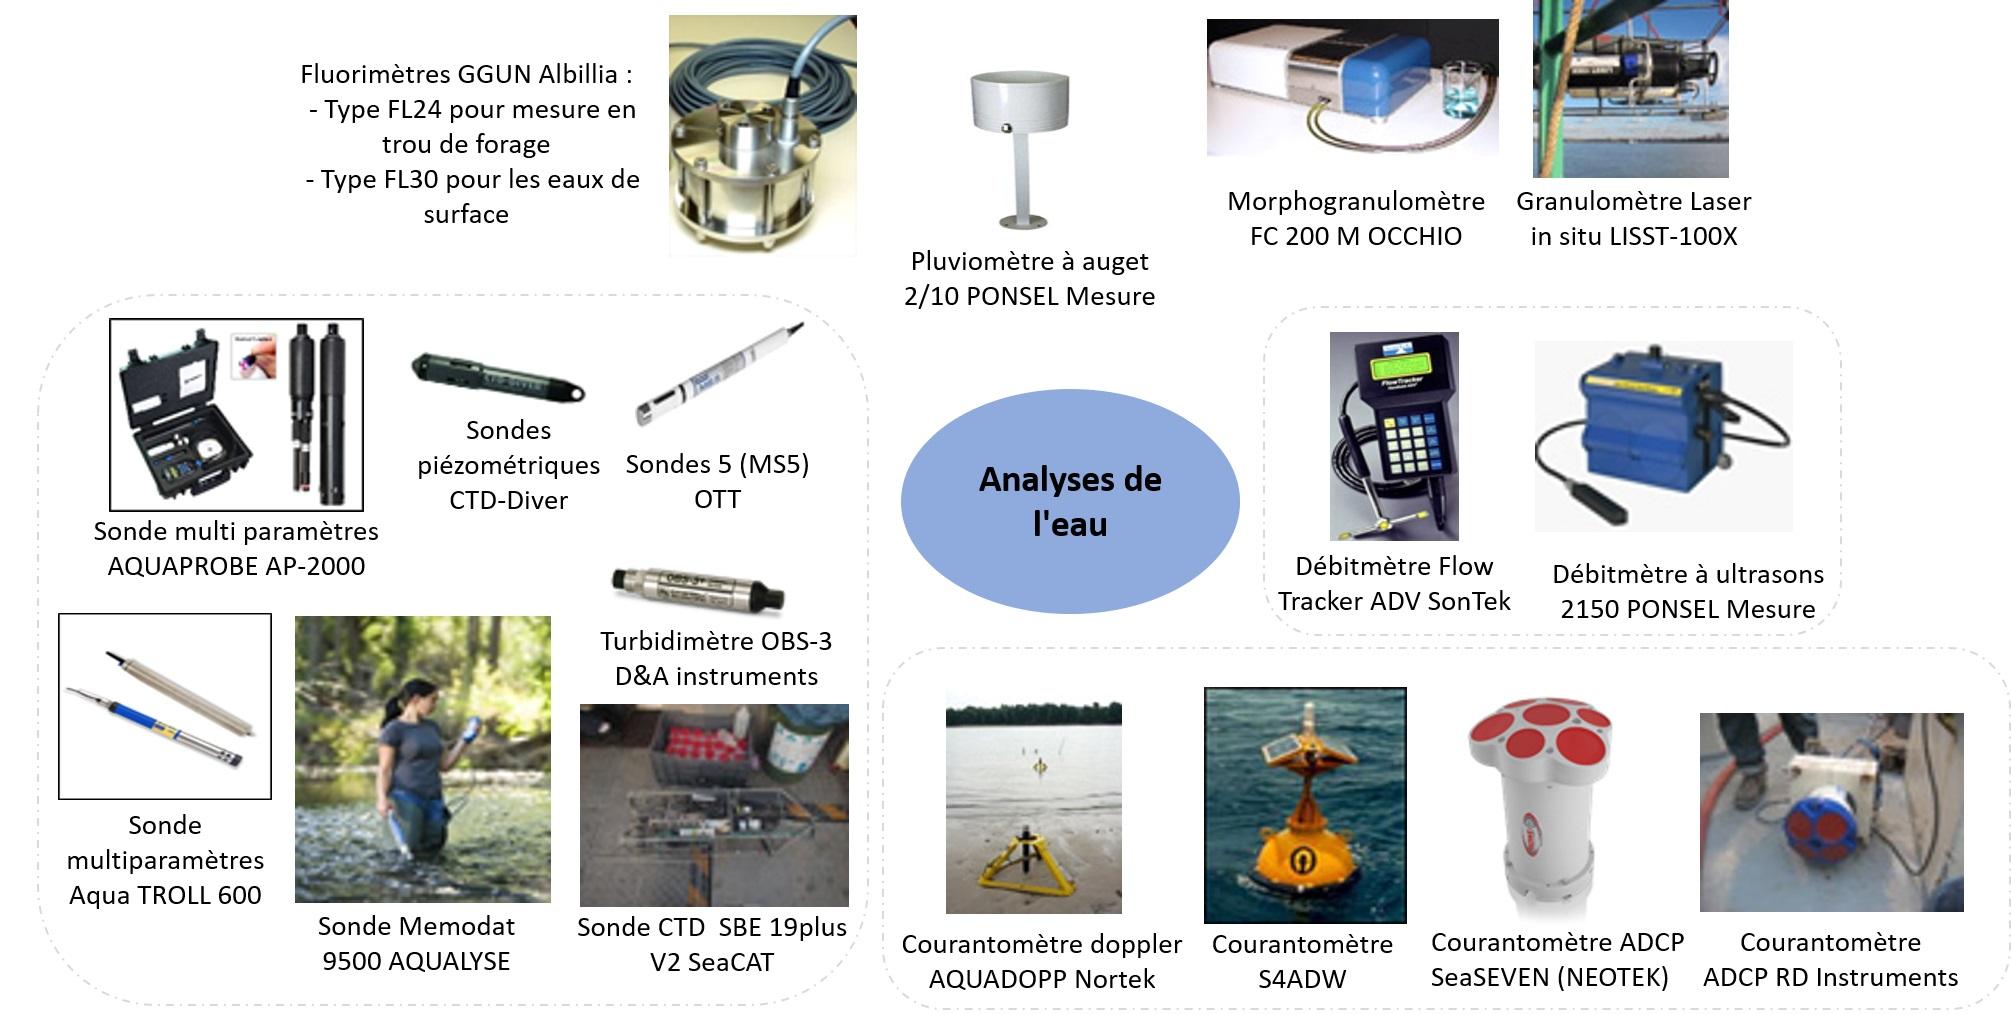 Analyses de l'eau